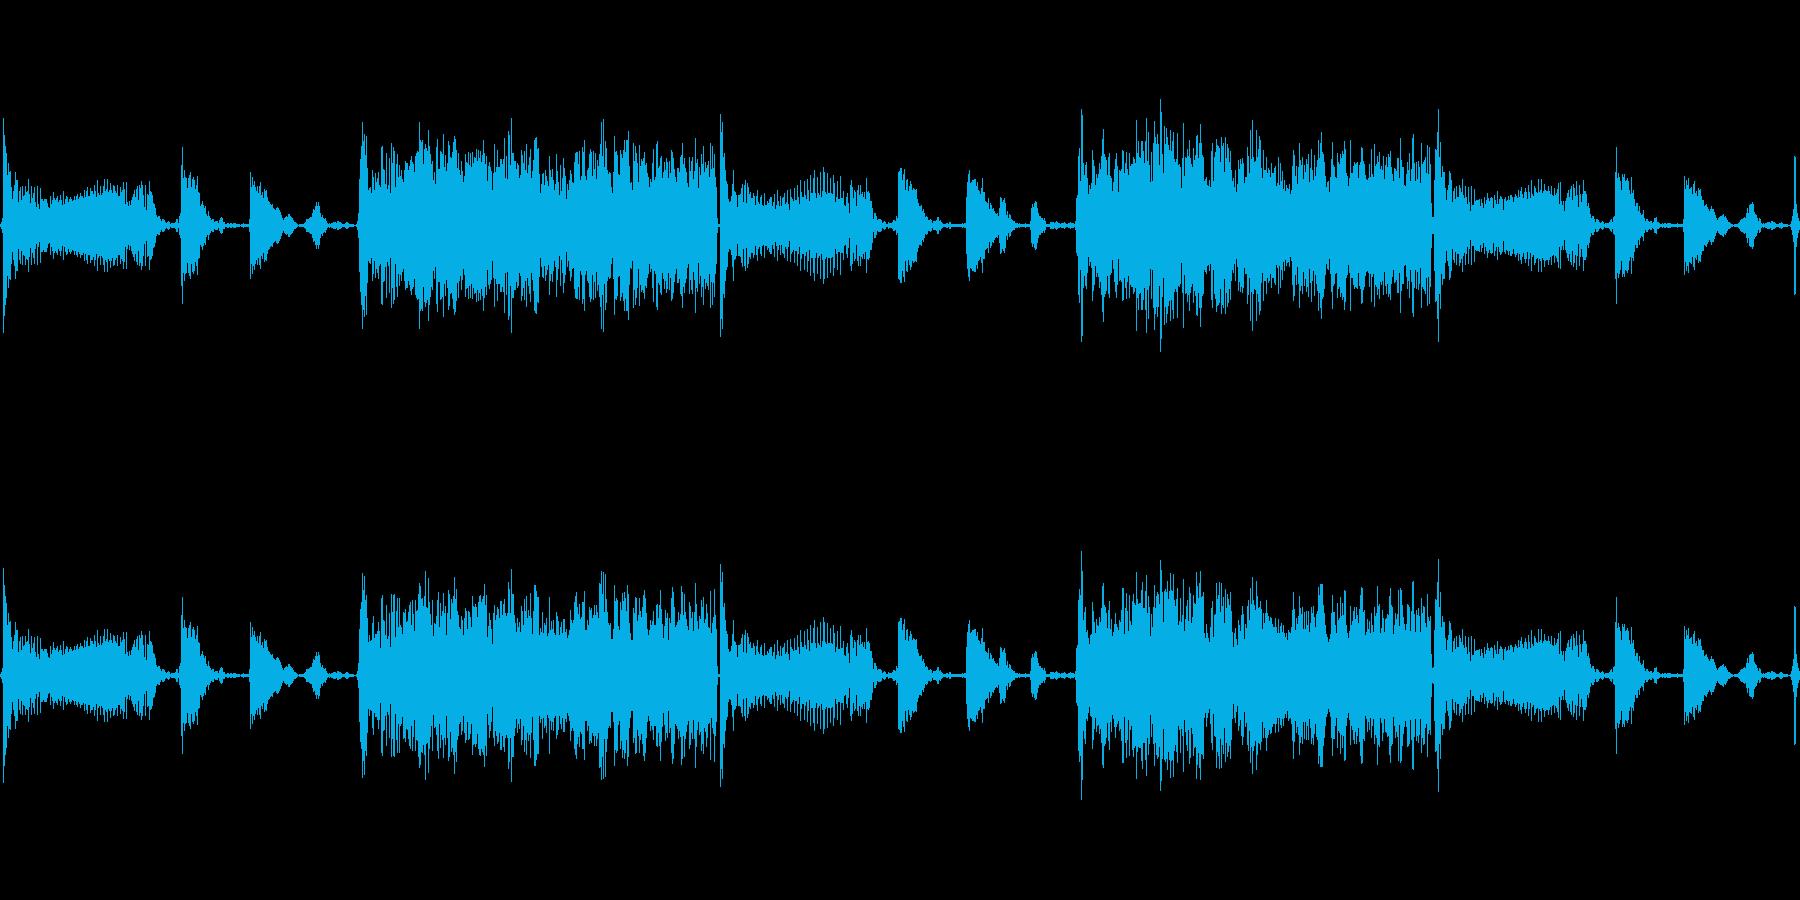 LIVEの曲間のつなぎのTRACKの再生済みの波形